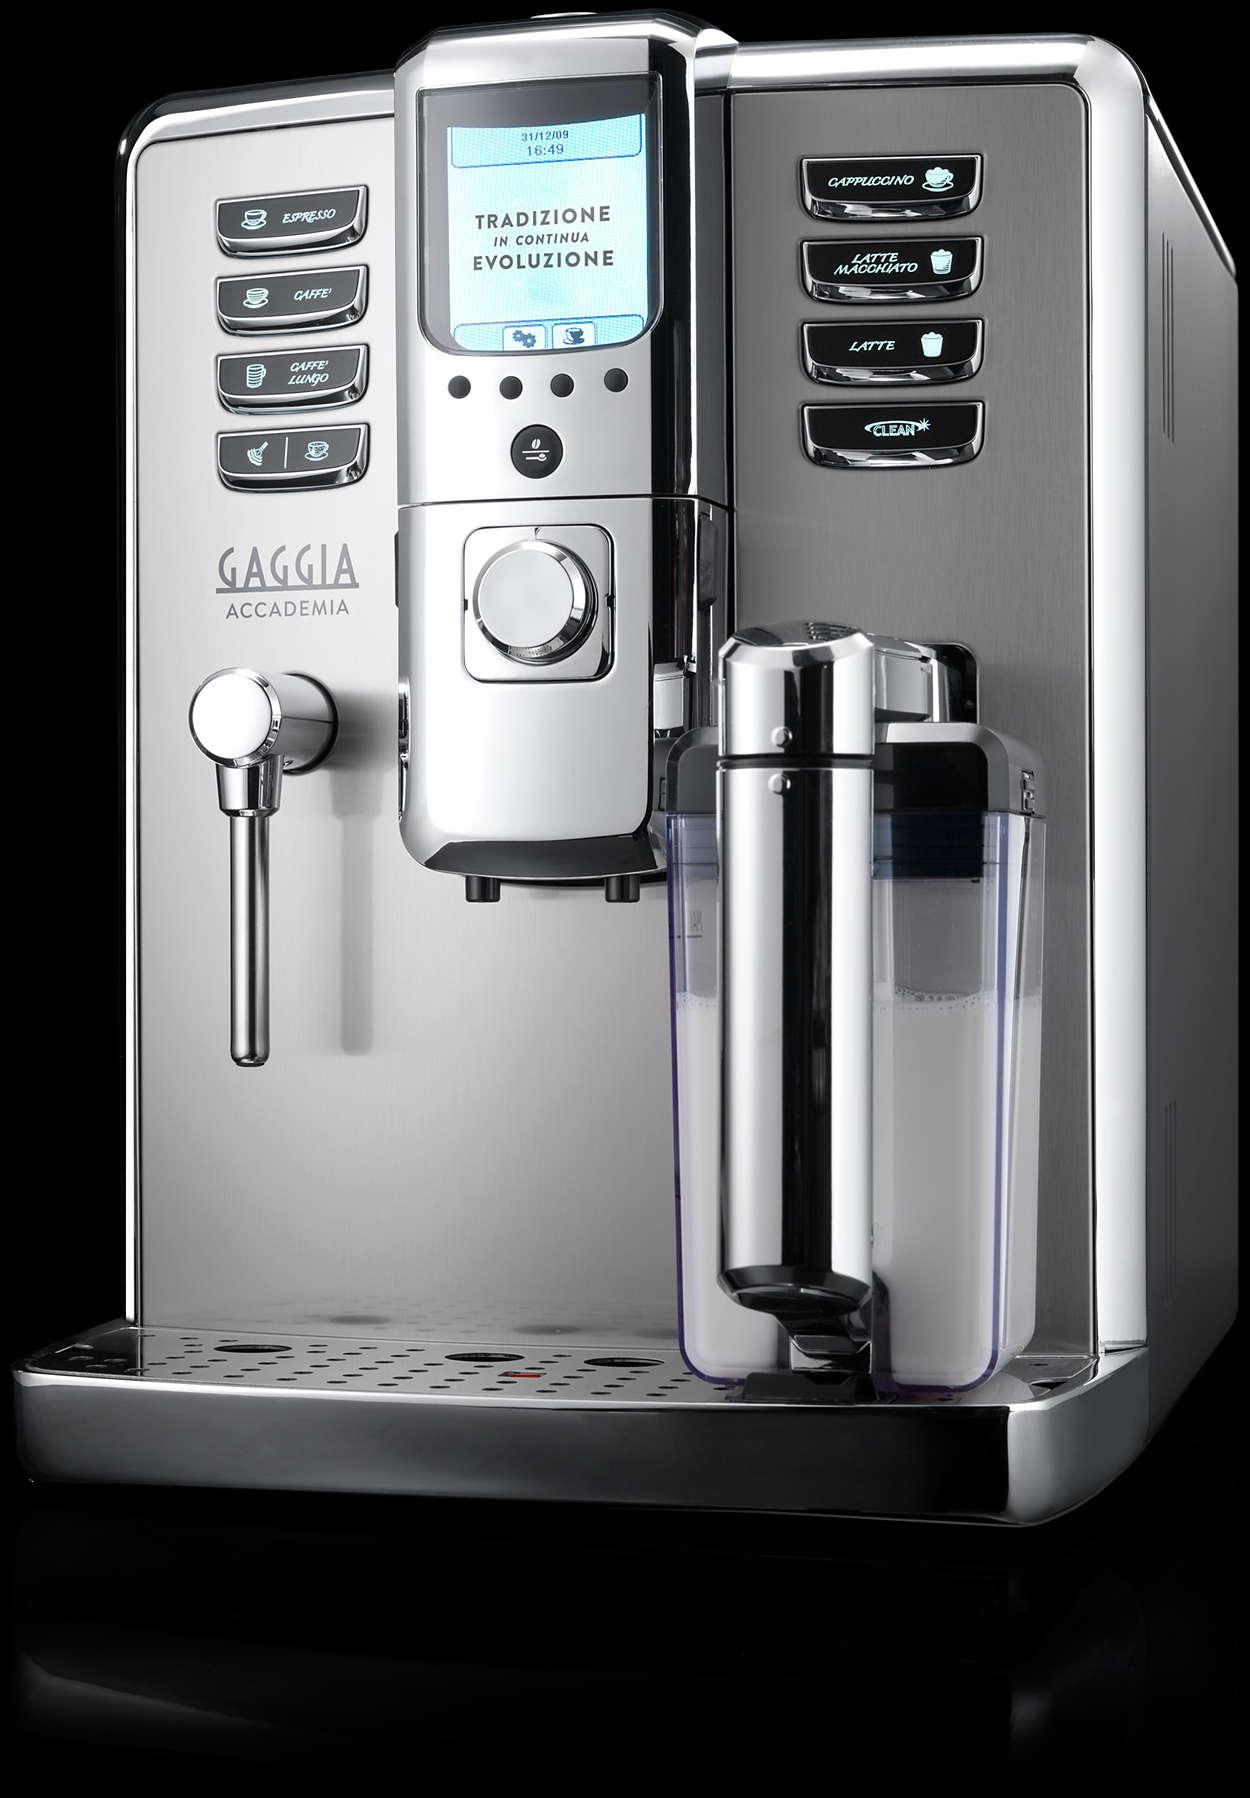 Volautomatische espressomachine RI970201 | Gaggia